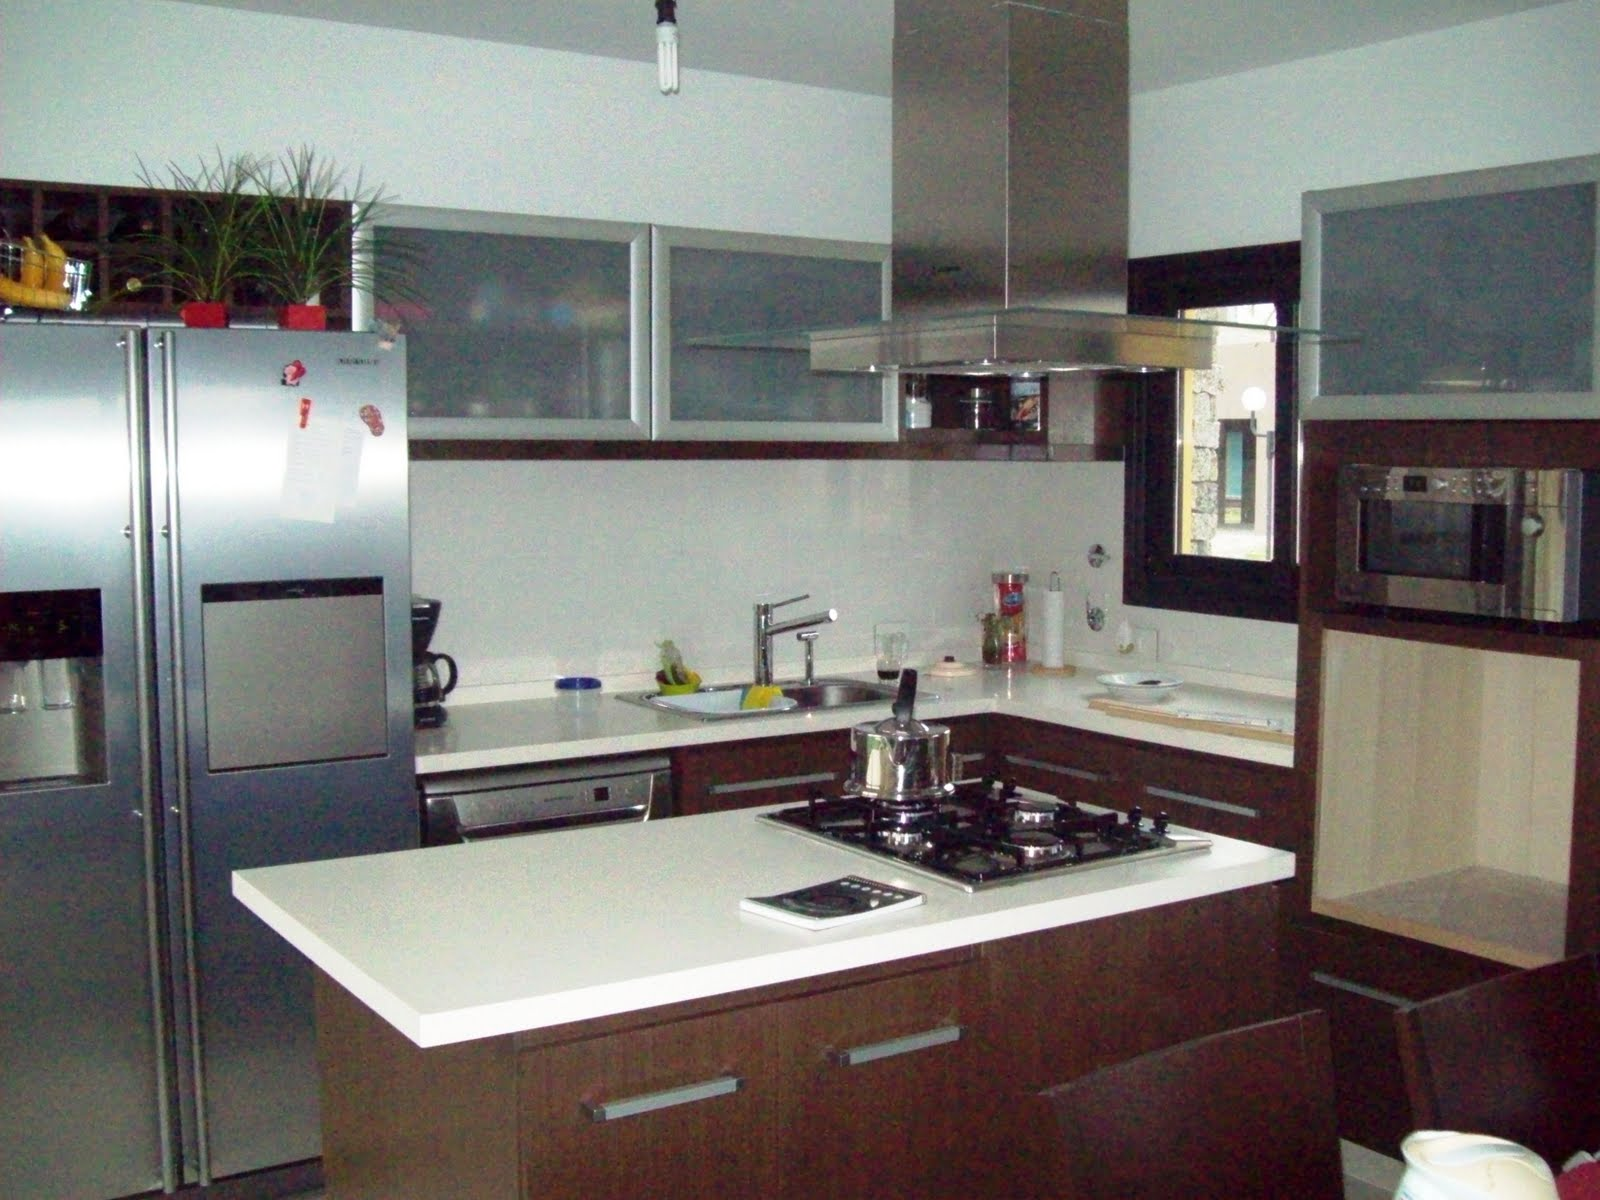 Ag amoblamientos cocinas y vestidores isla central - Islas de cocina ...